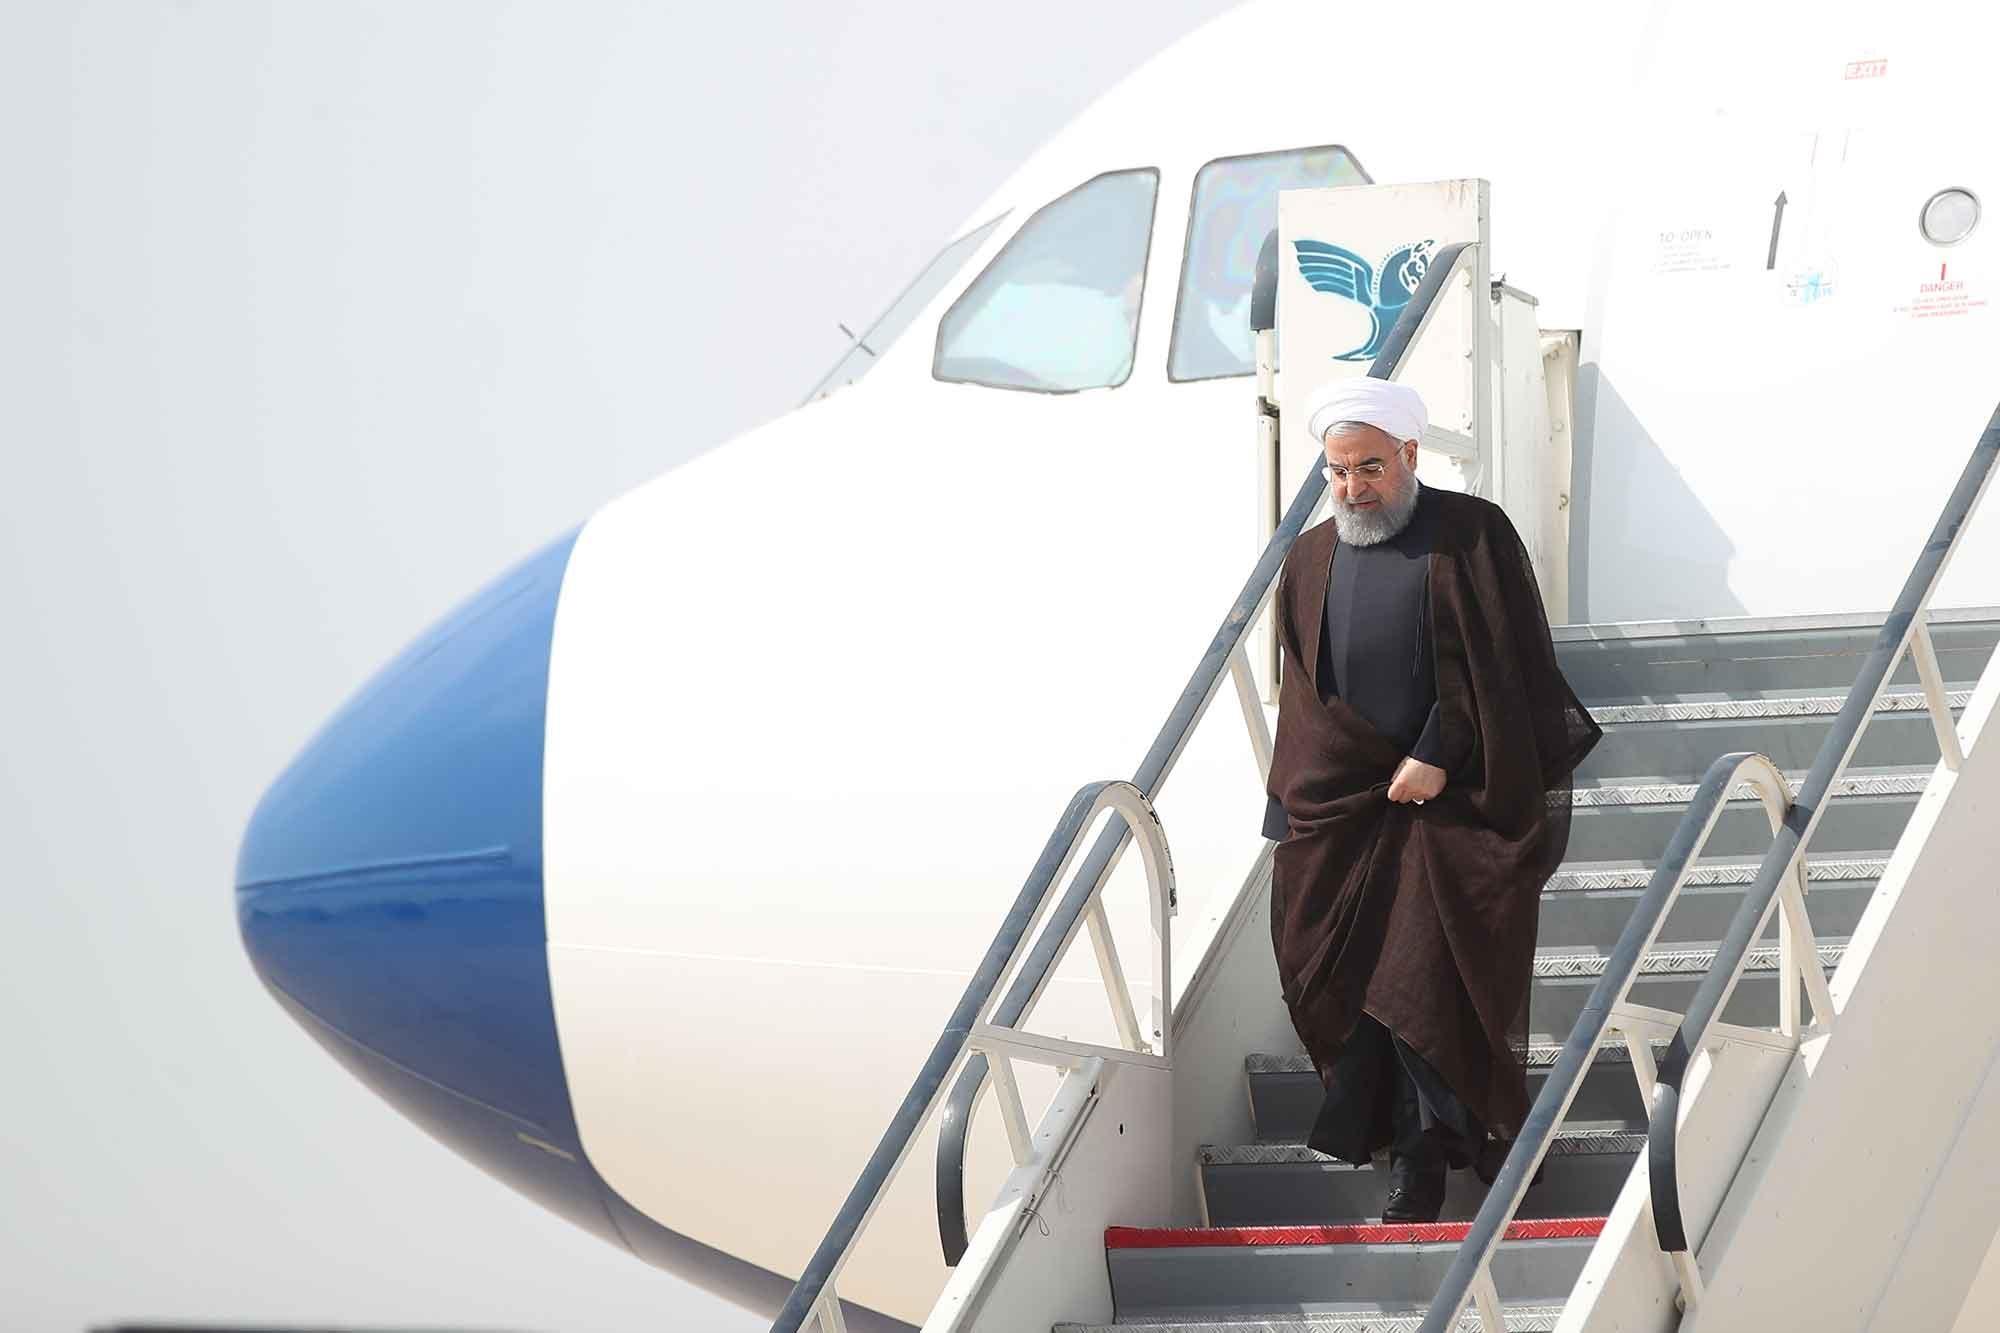 تصاویر   بهرهبرداری از فازهای ١٧ و ١٨ پارس جنوبی با حضور رییسجمهوری